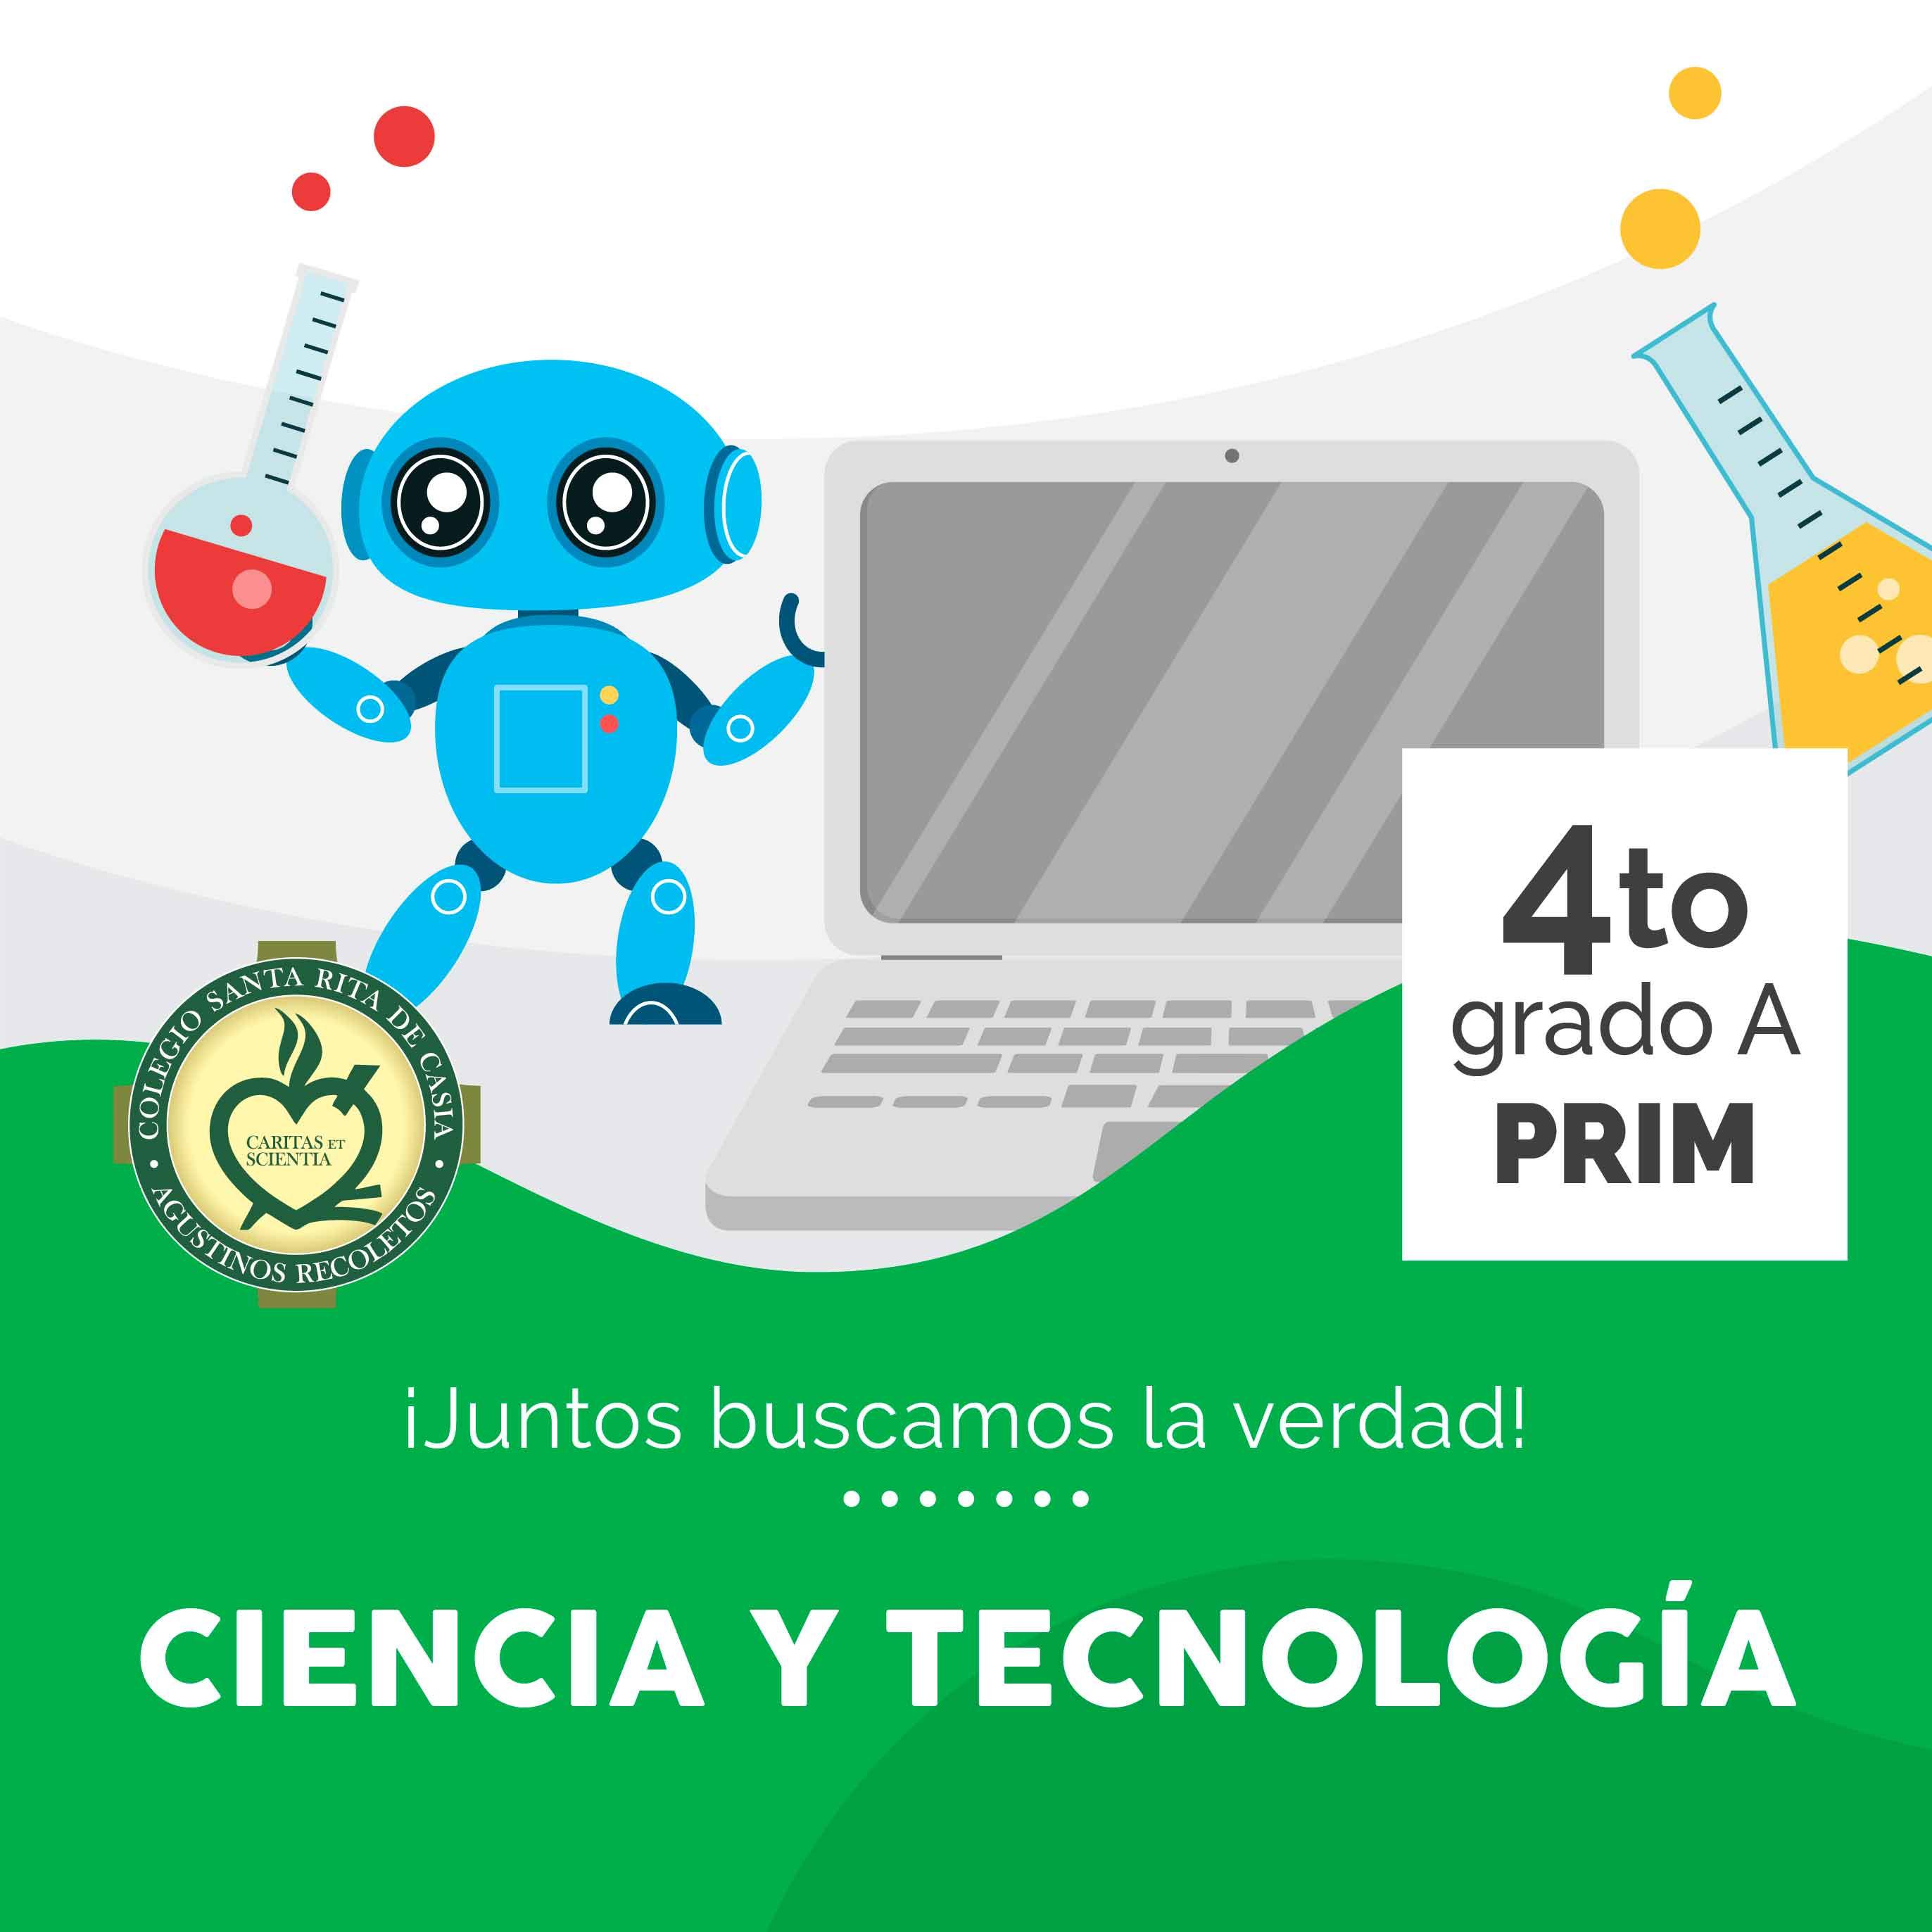 Ciencia y Tecnología 4to Grado A